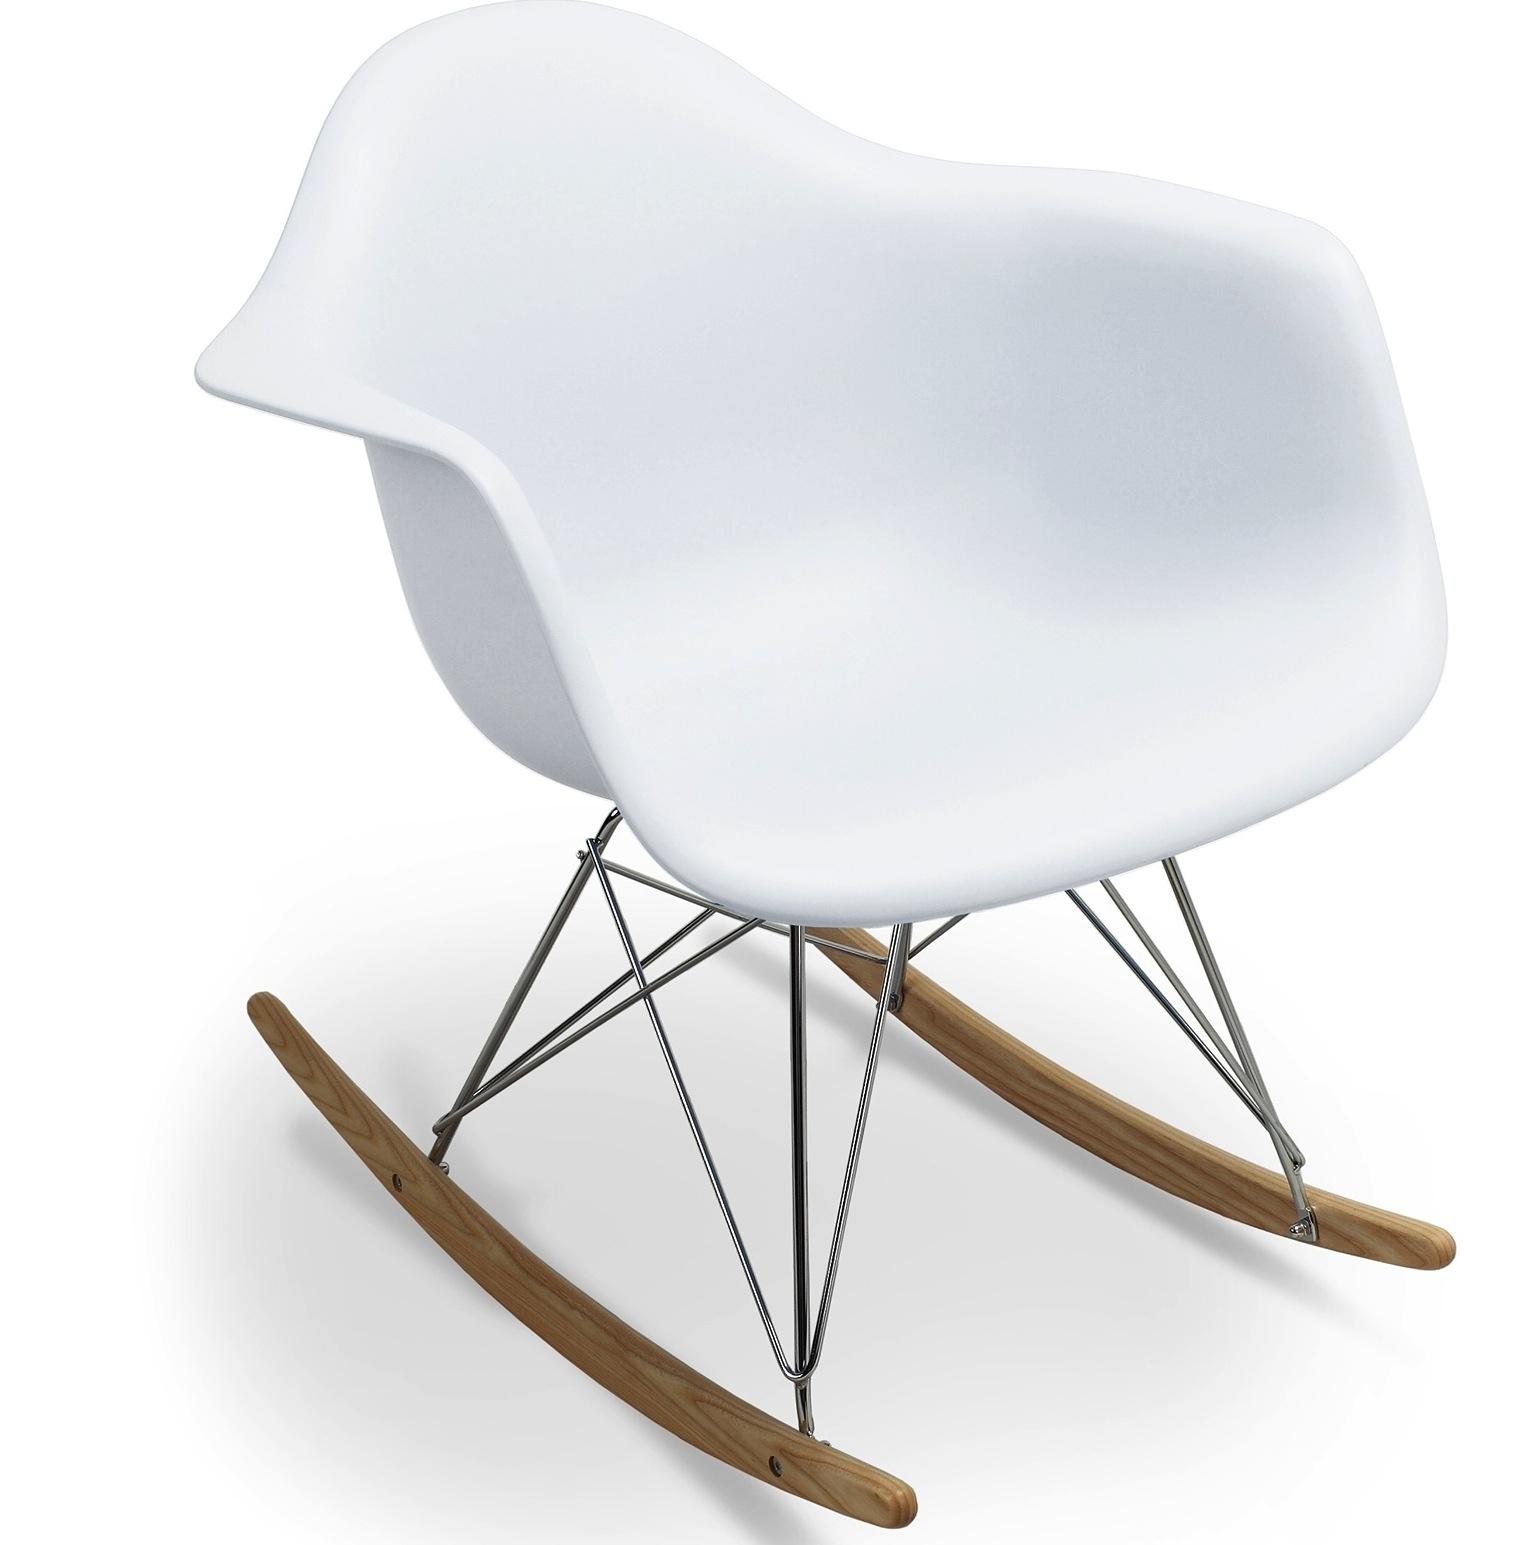 Fauteuil  bascule blanc mat inspirée Charles Eames LesTendances